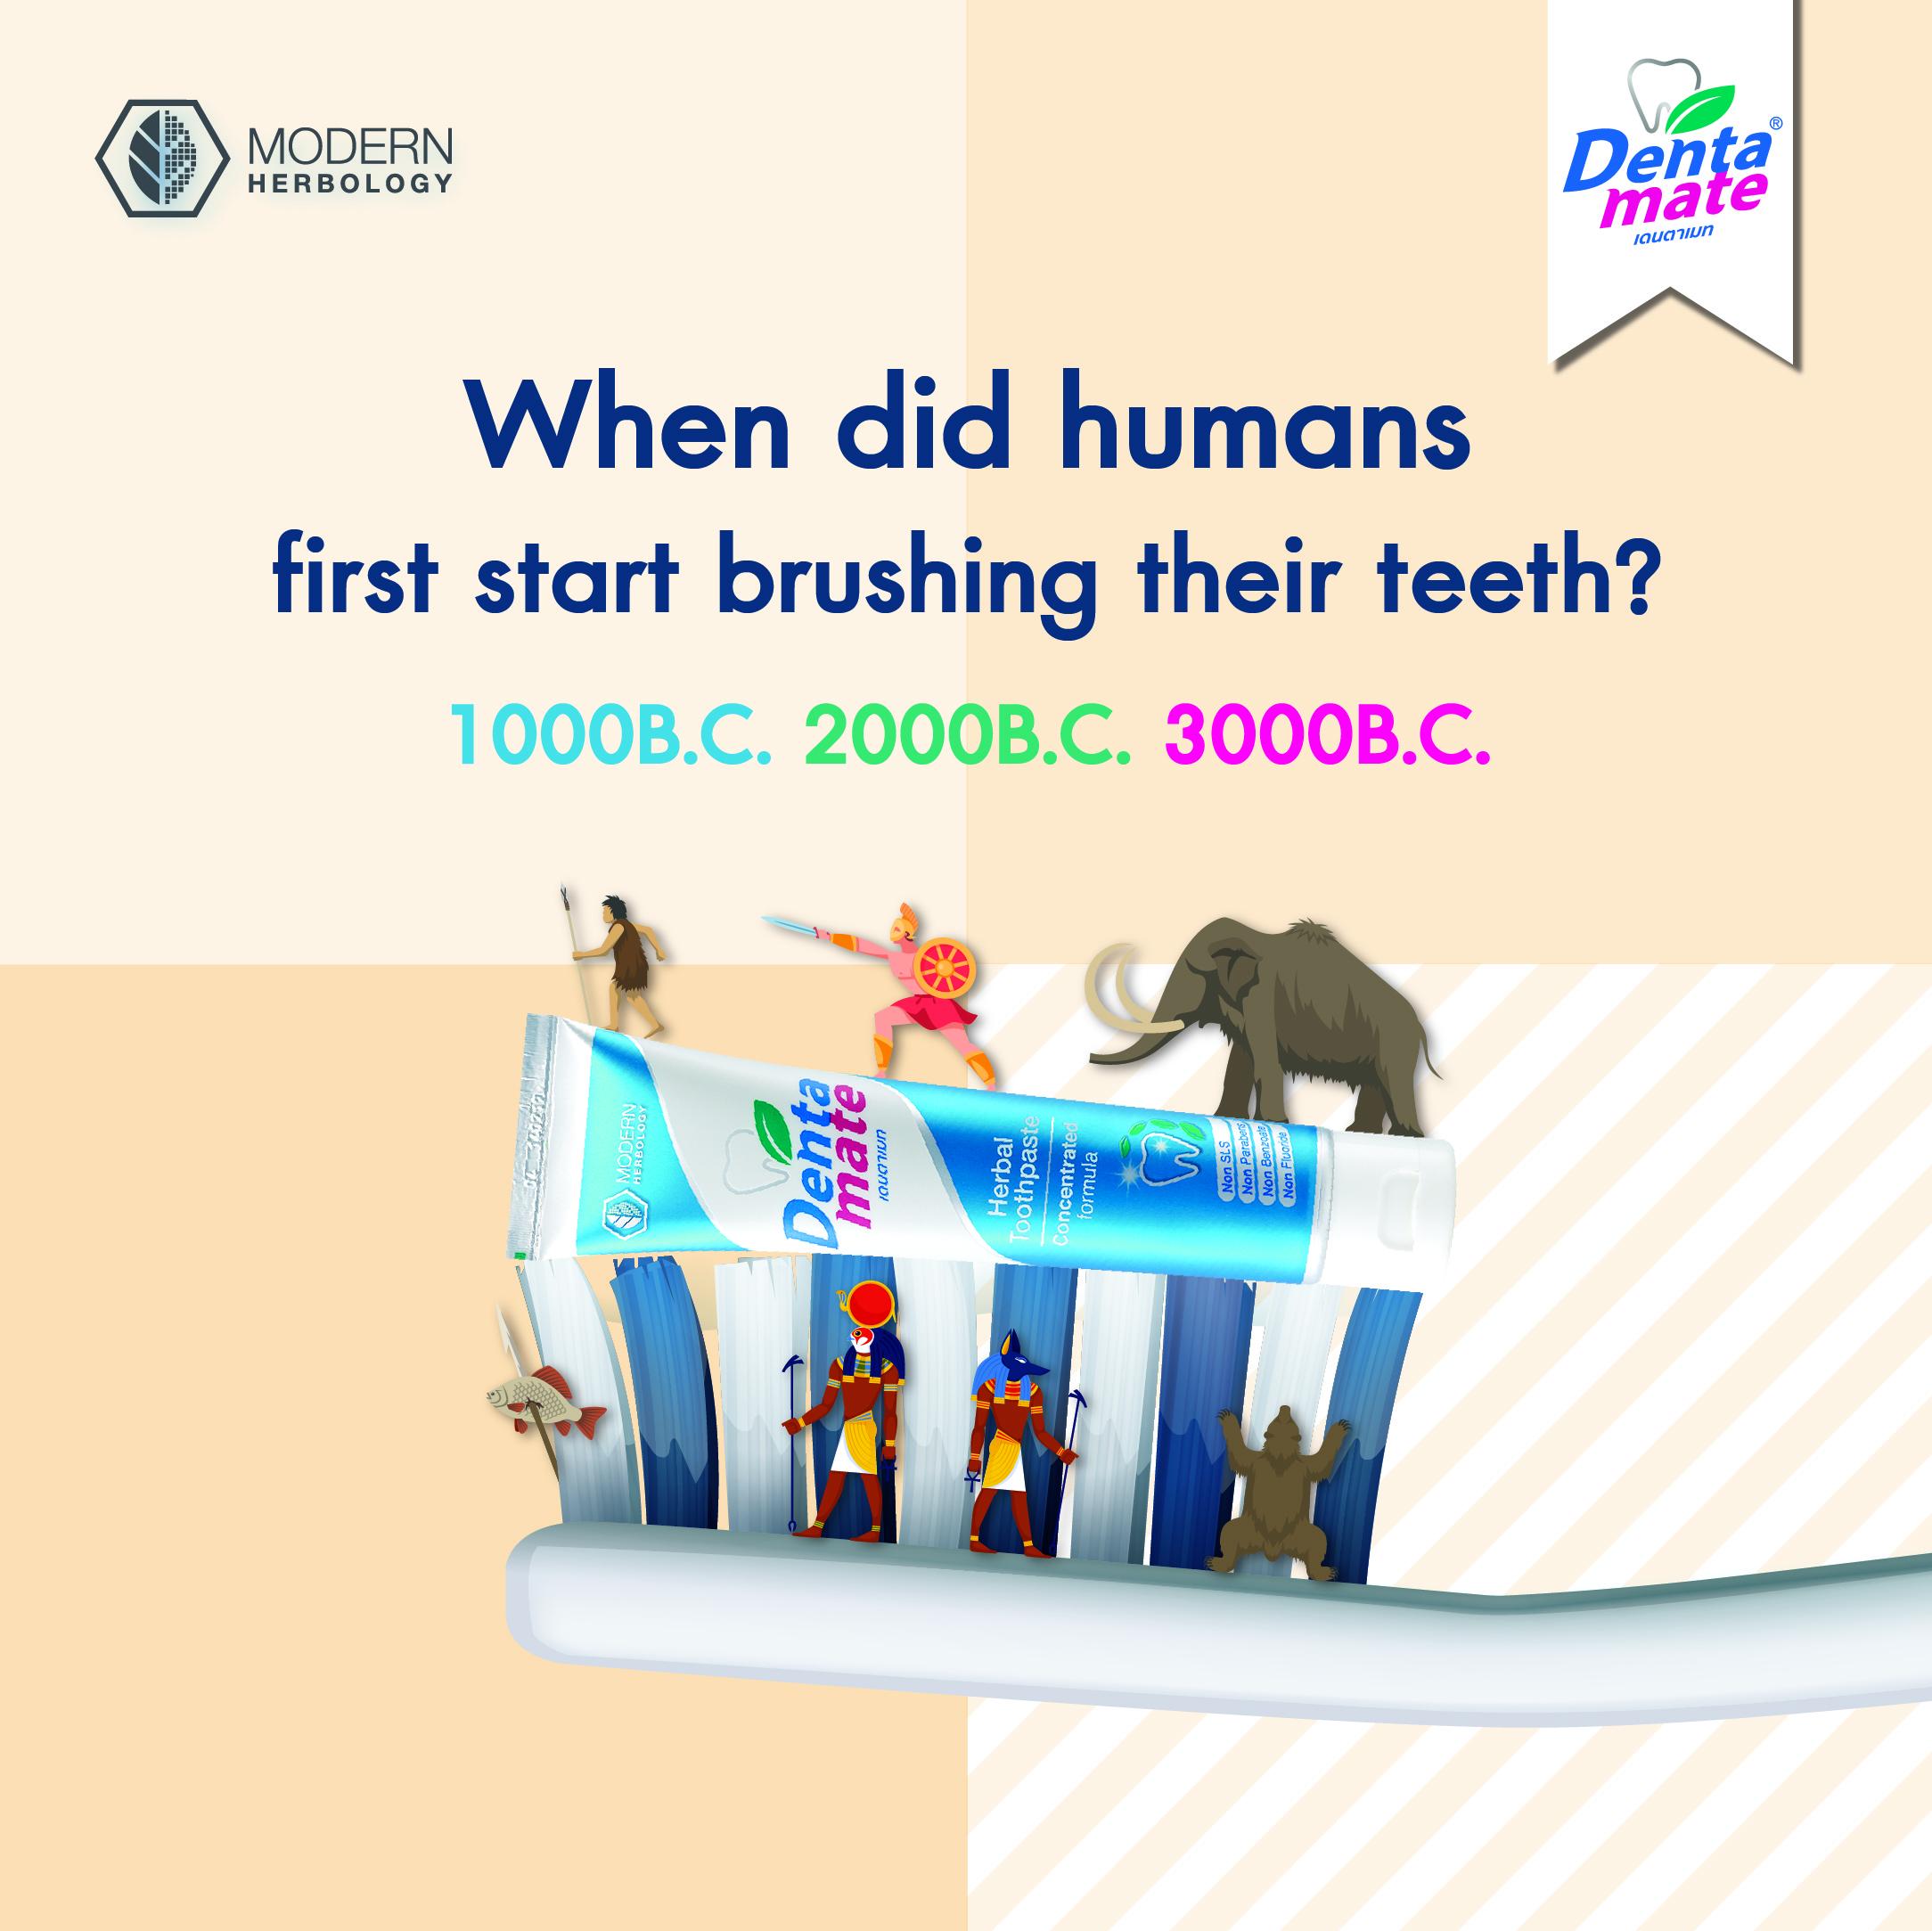 มนุษย์เริ่มเเปรงฟันมากี่ปี